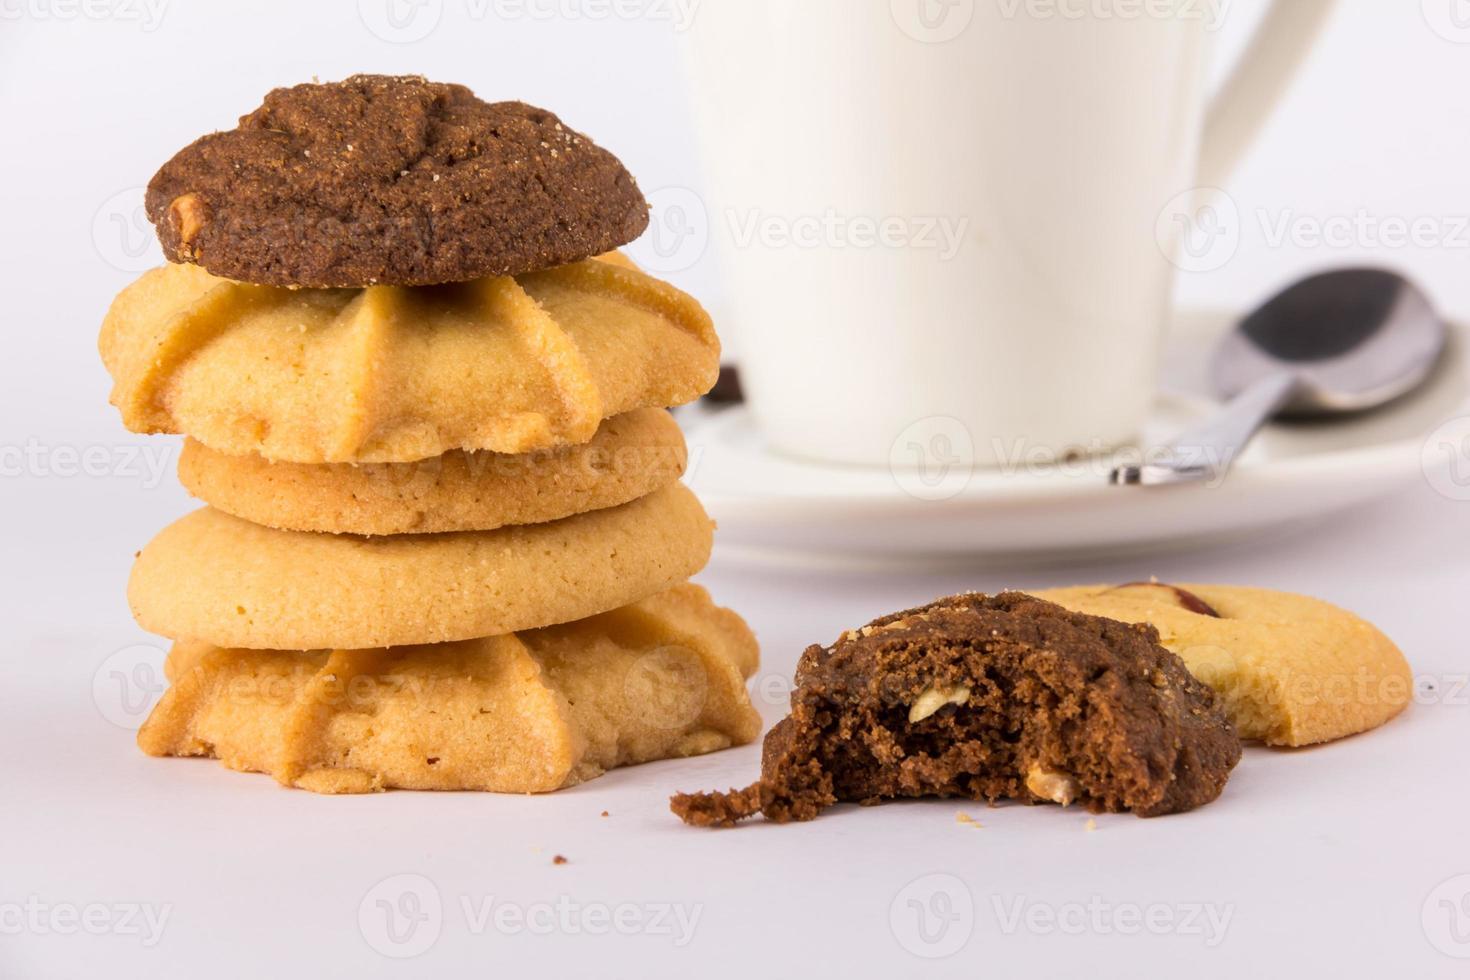 heißes Getränk Kaffee und Kekse foto